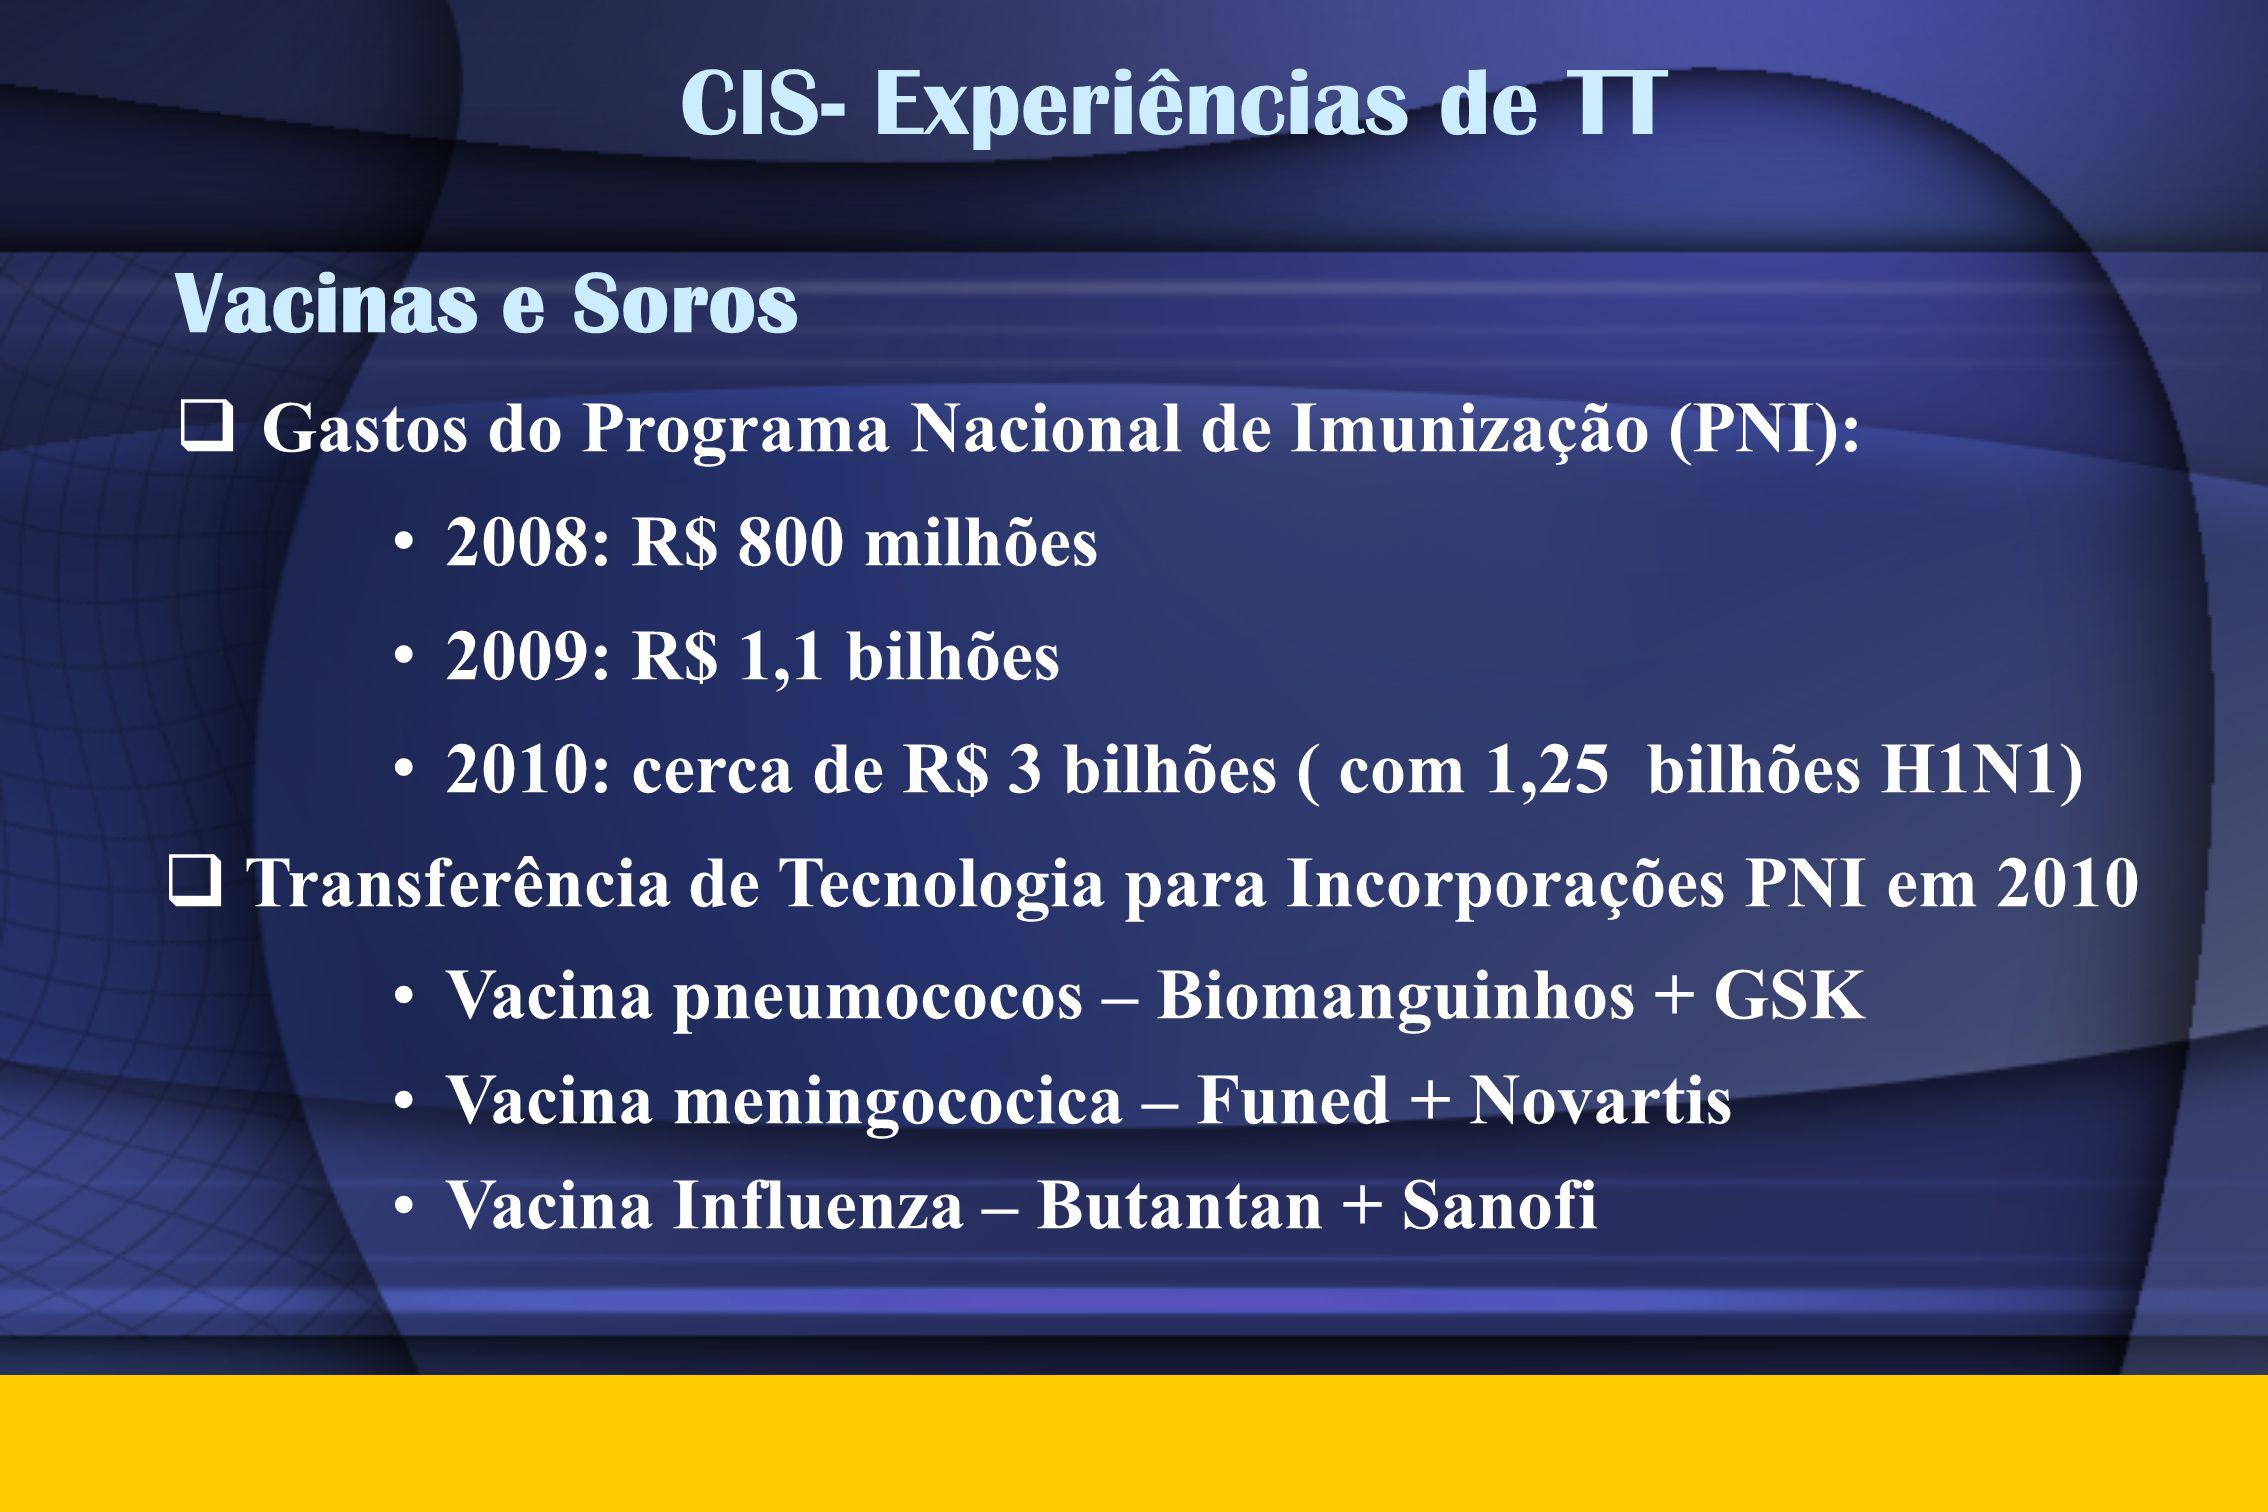 Vacinas e Soros  Gastos do Programa Nacional de Imunização (PNI): • 2008: R$ 800 milhões • 2009: R$ 1,1 bilhões • 2010: cerca de R$ 3 bilhões ( com 1